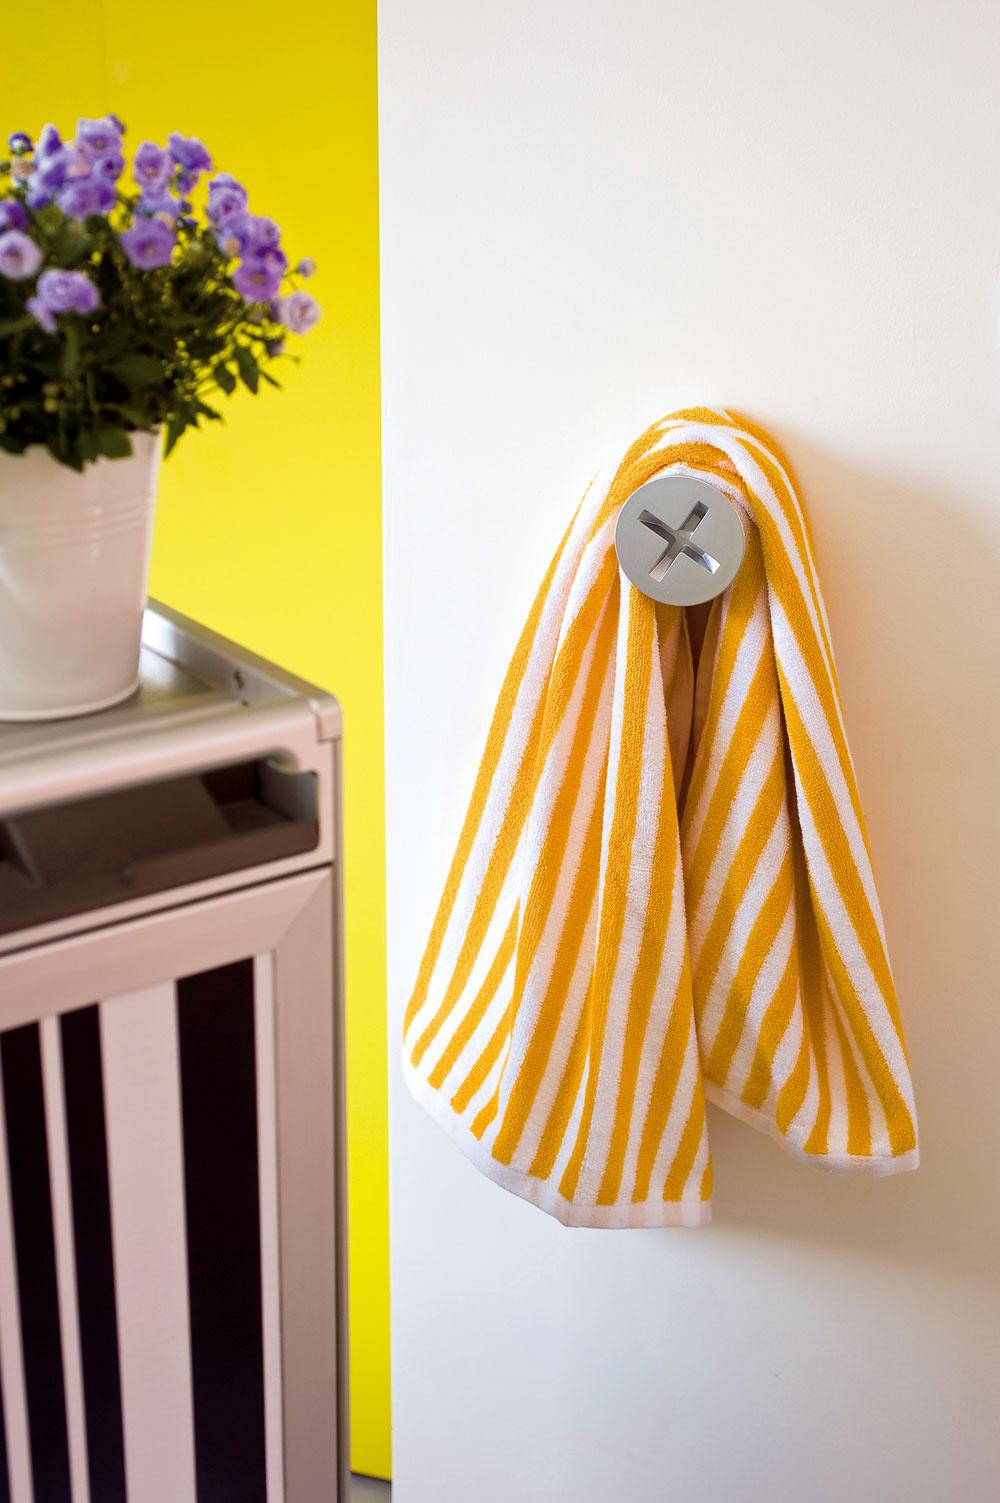 Šikovné aj vtipné detaily spríjemňujú obyvateľom každé použitie kúpeľne. (Osušky auteráky sú od firmy Zara Home.)